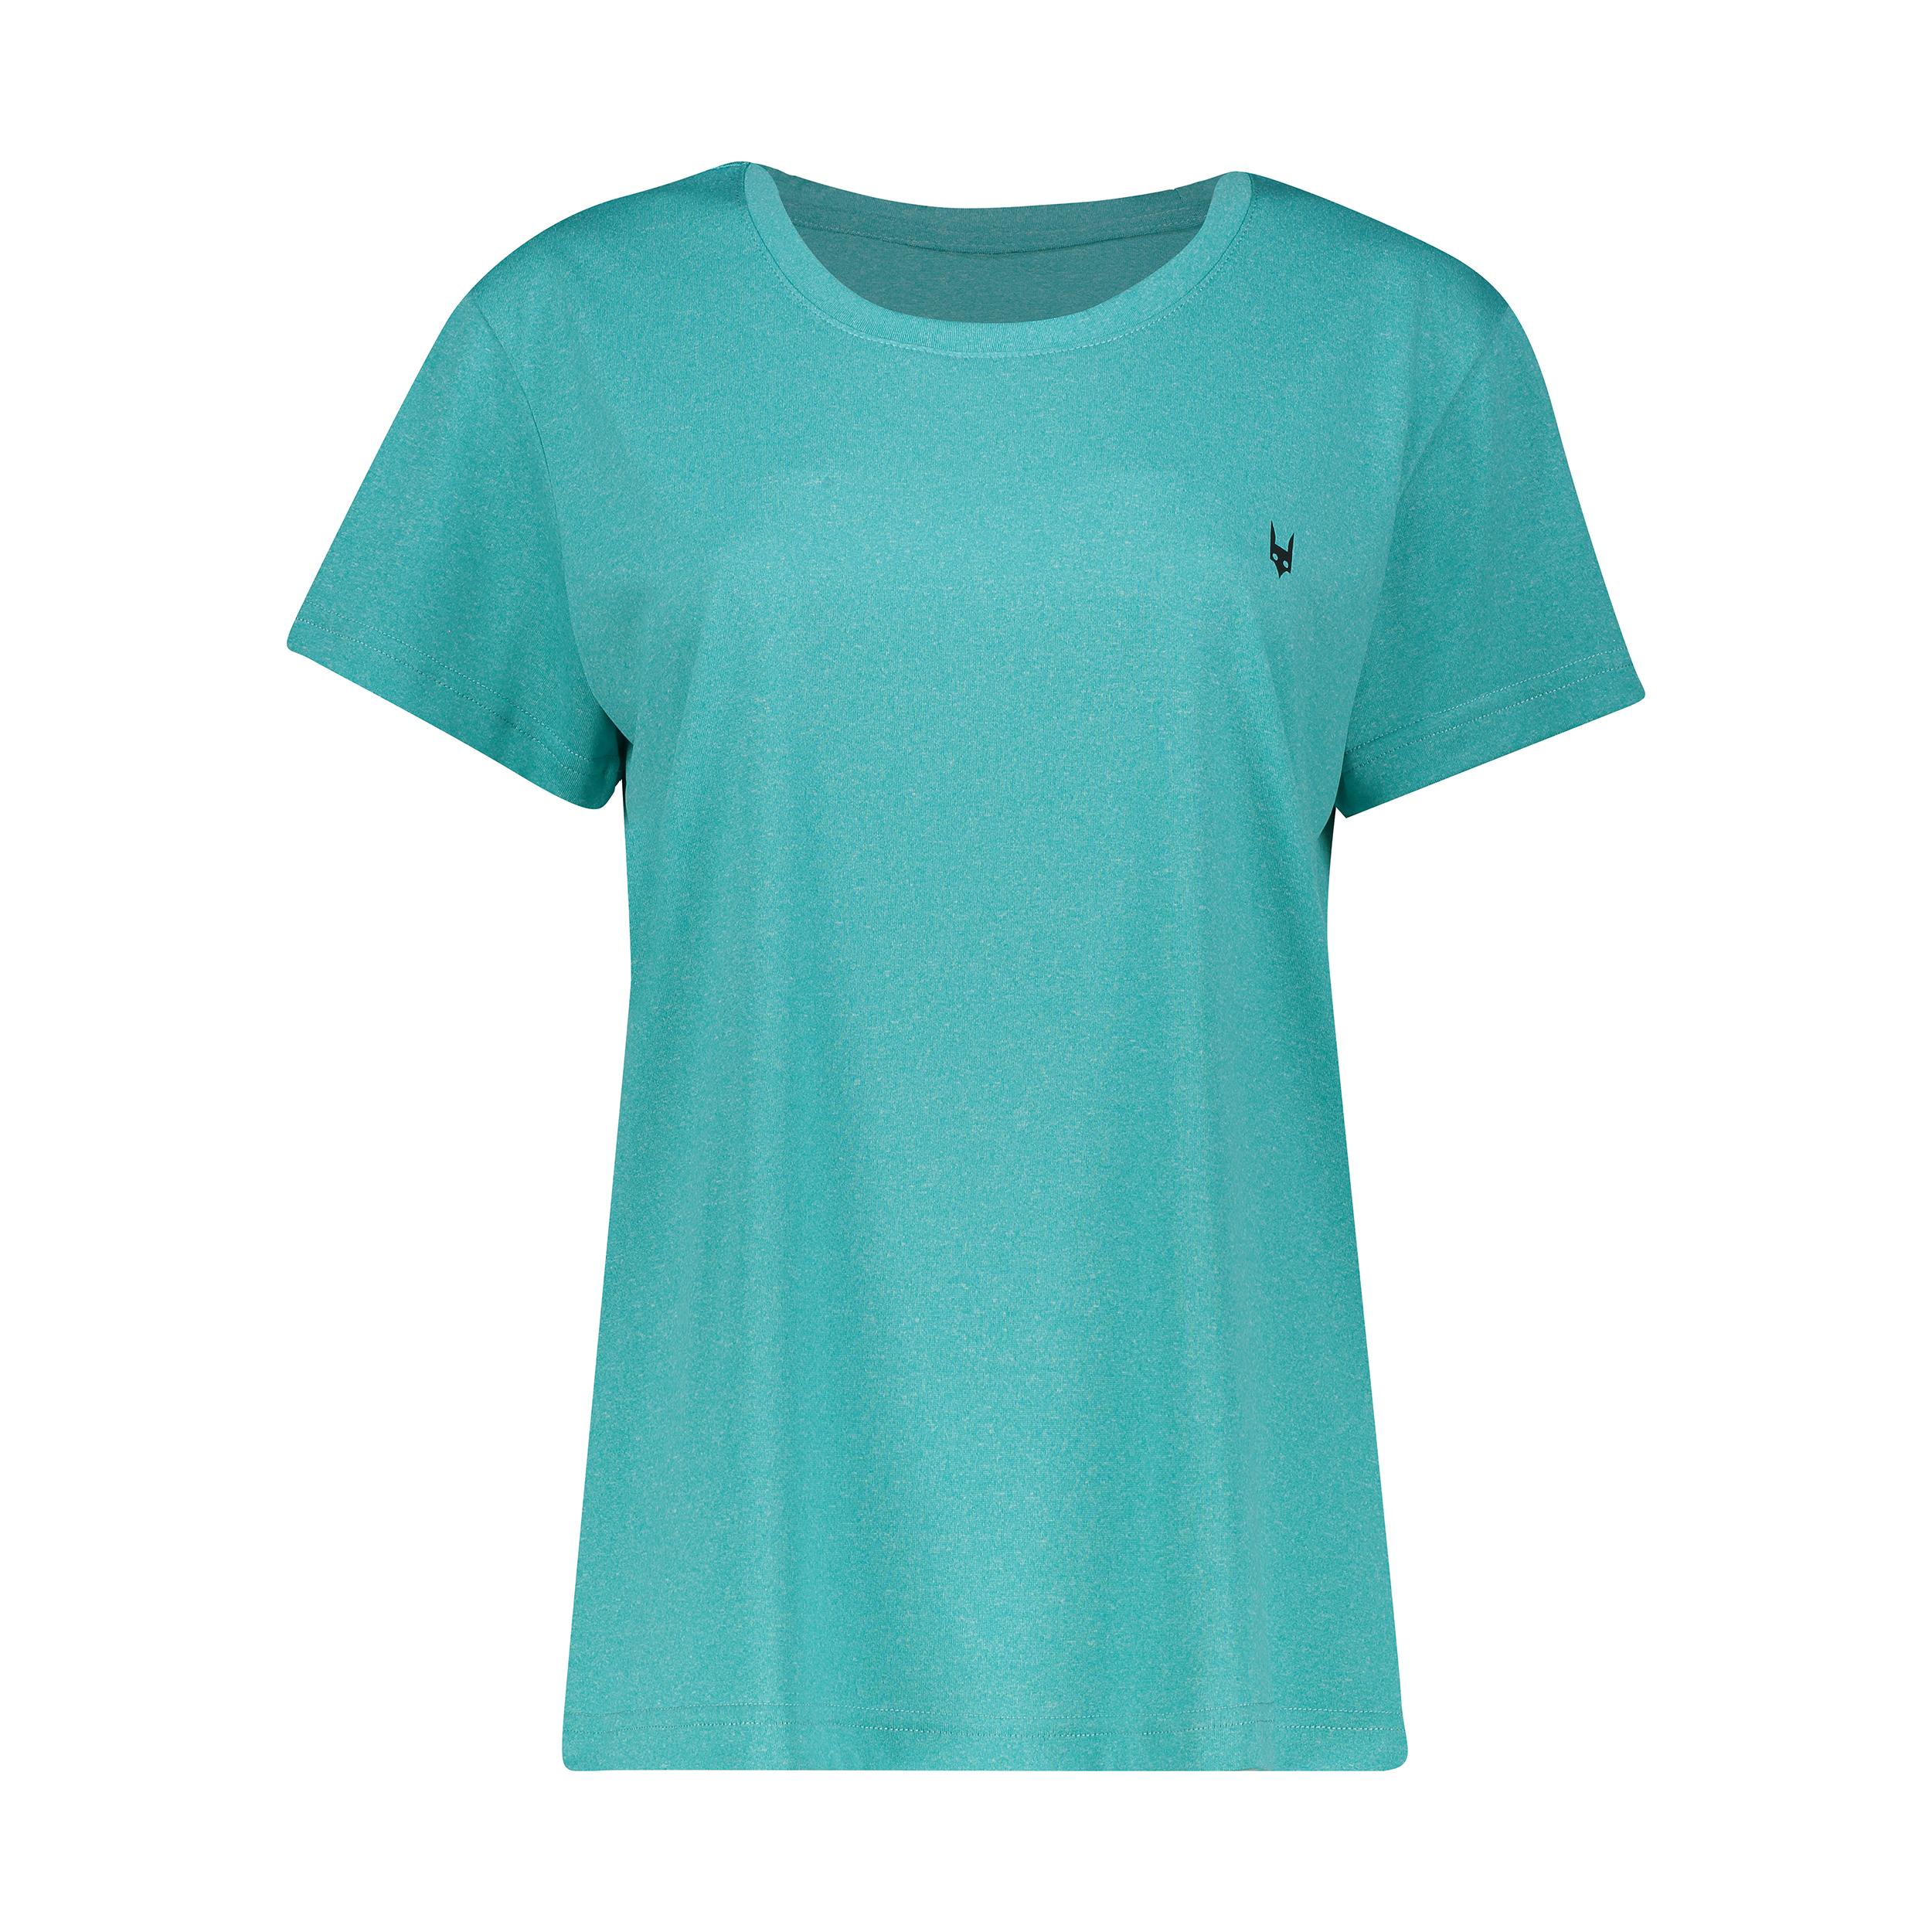 تی شرت ورزشی زنانه مل اند موژ مدل W06341-407